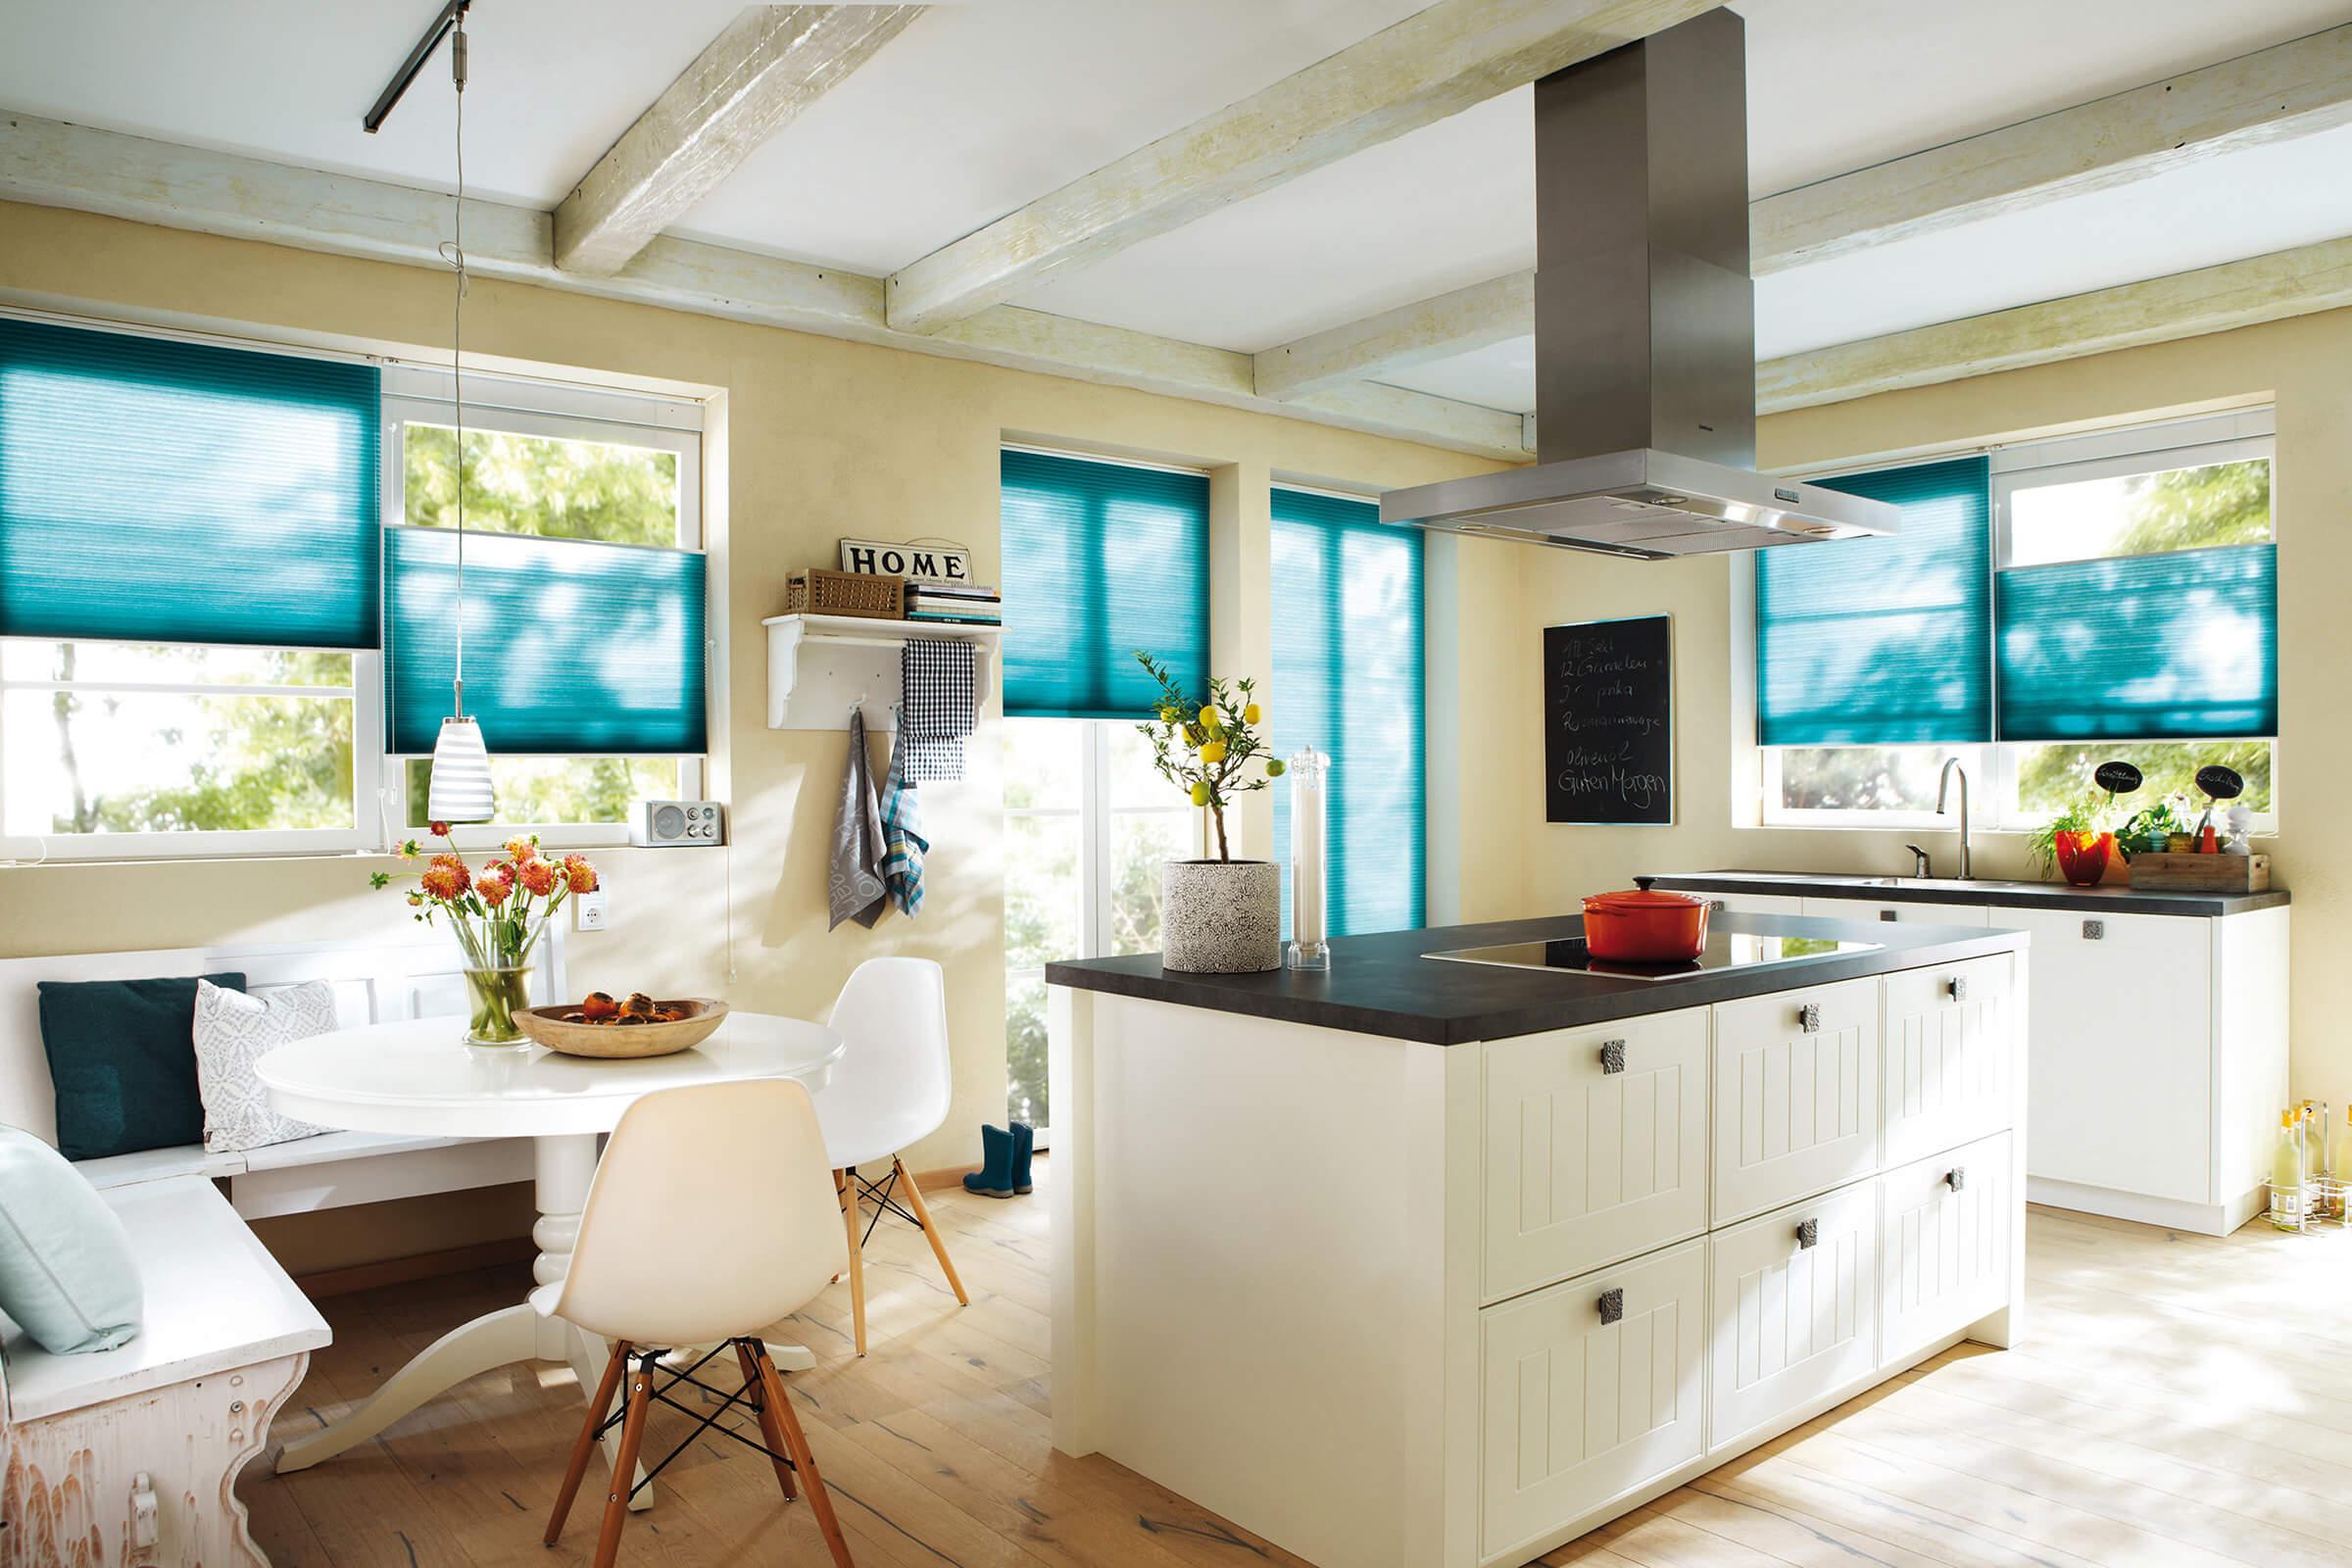 Blaue Wabenplissees mit zwei Zugschnüren in der Küche